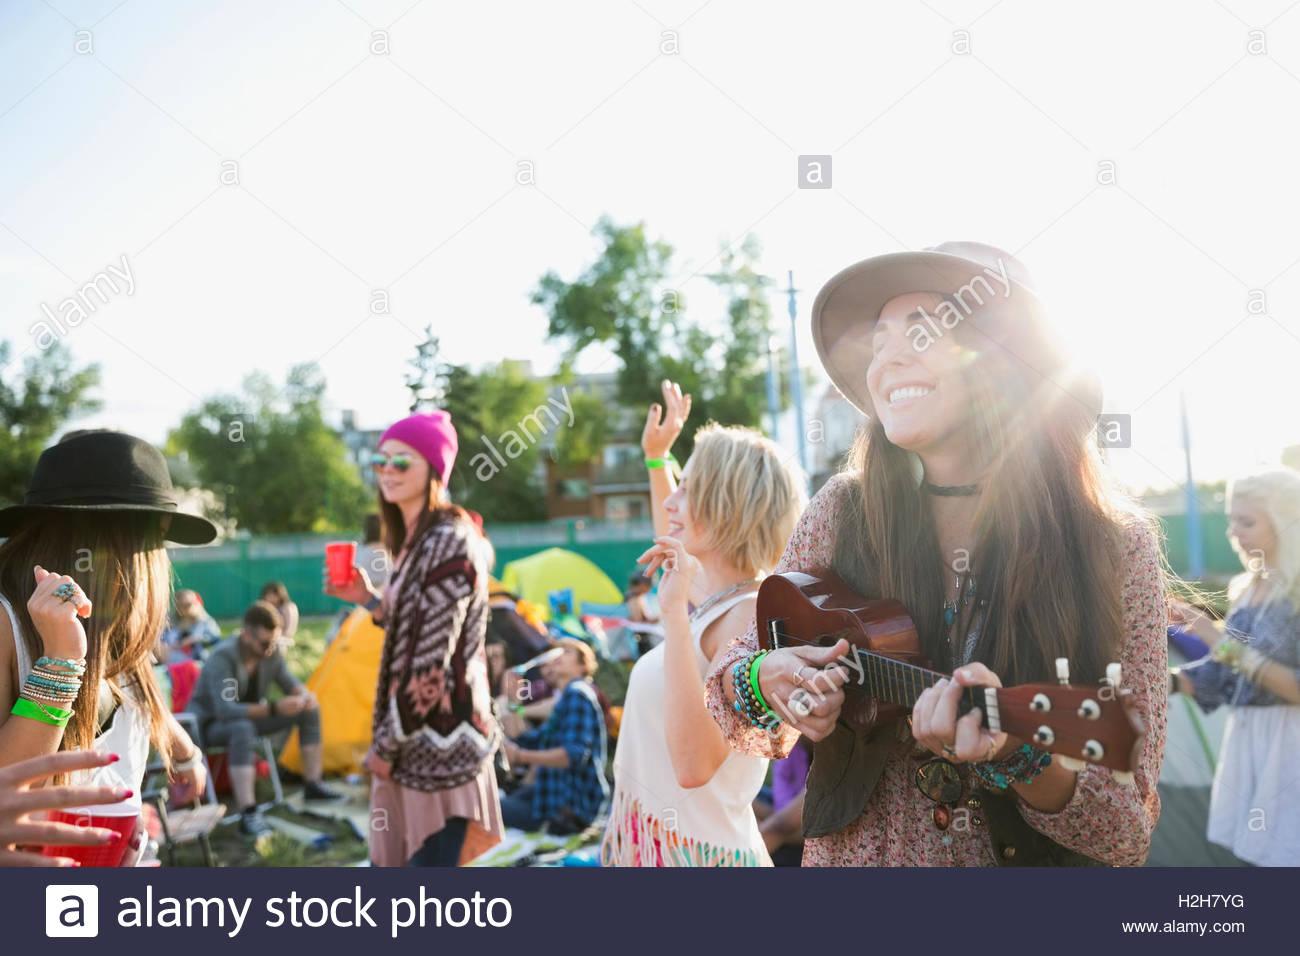 Lächelnde junge Frau spielt Ukulele auf Sommer Musik Festival-Campingplatz Stockbild